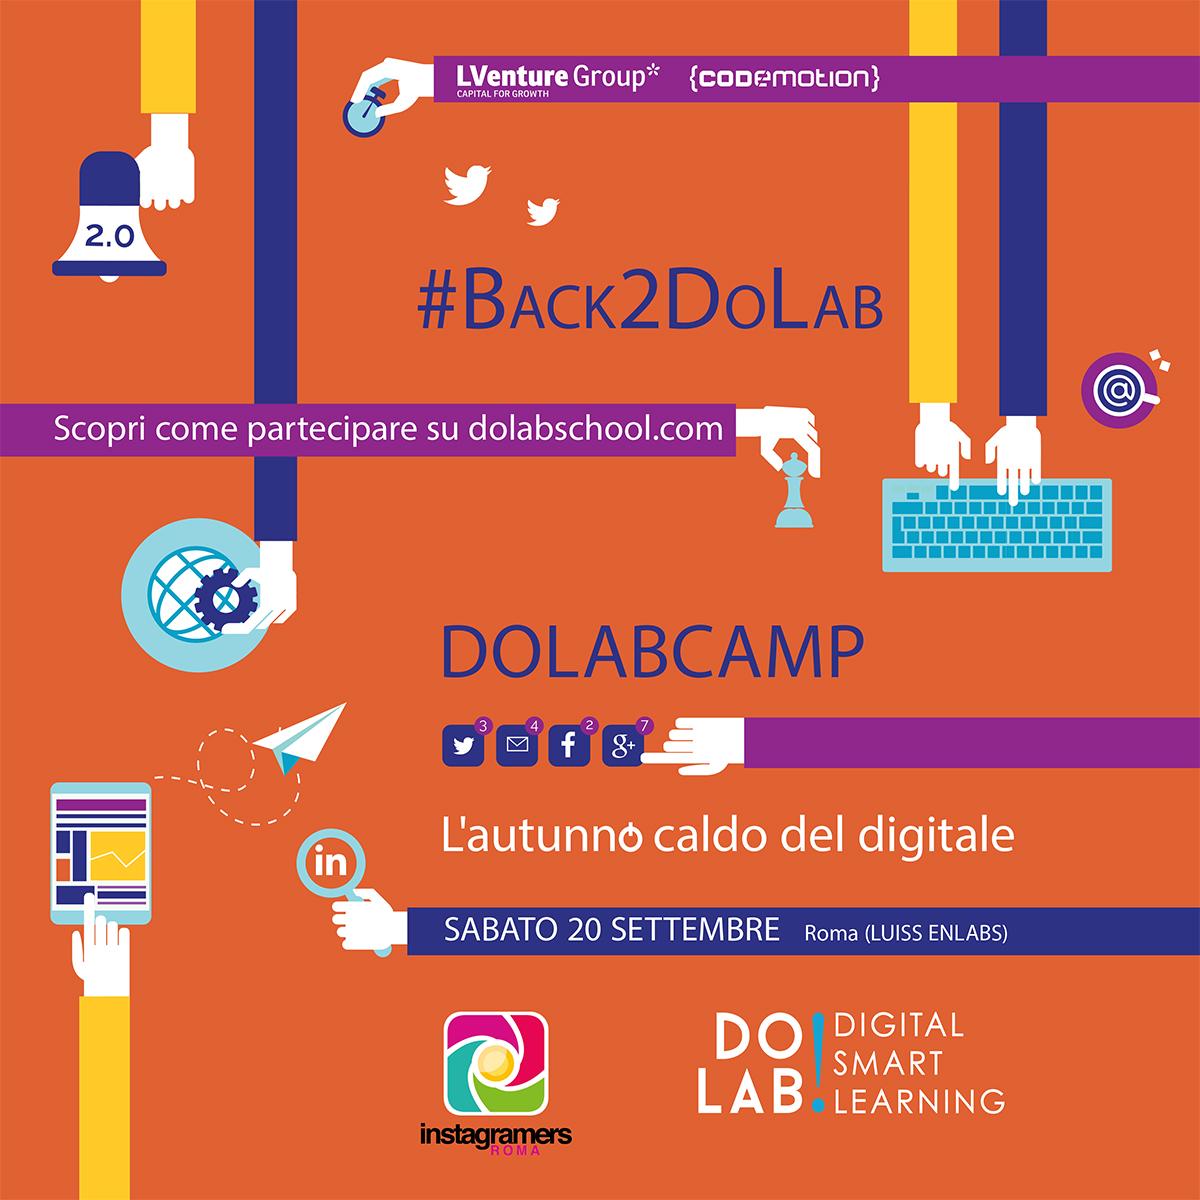 Back2DoLab: condividete con igersroma il rientro dalle vacanze